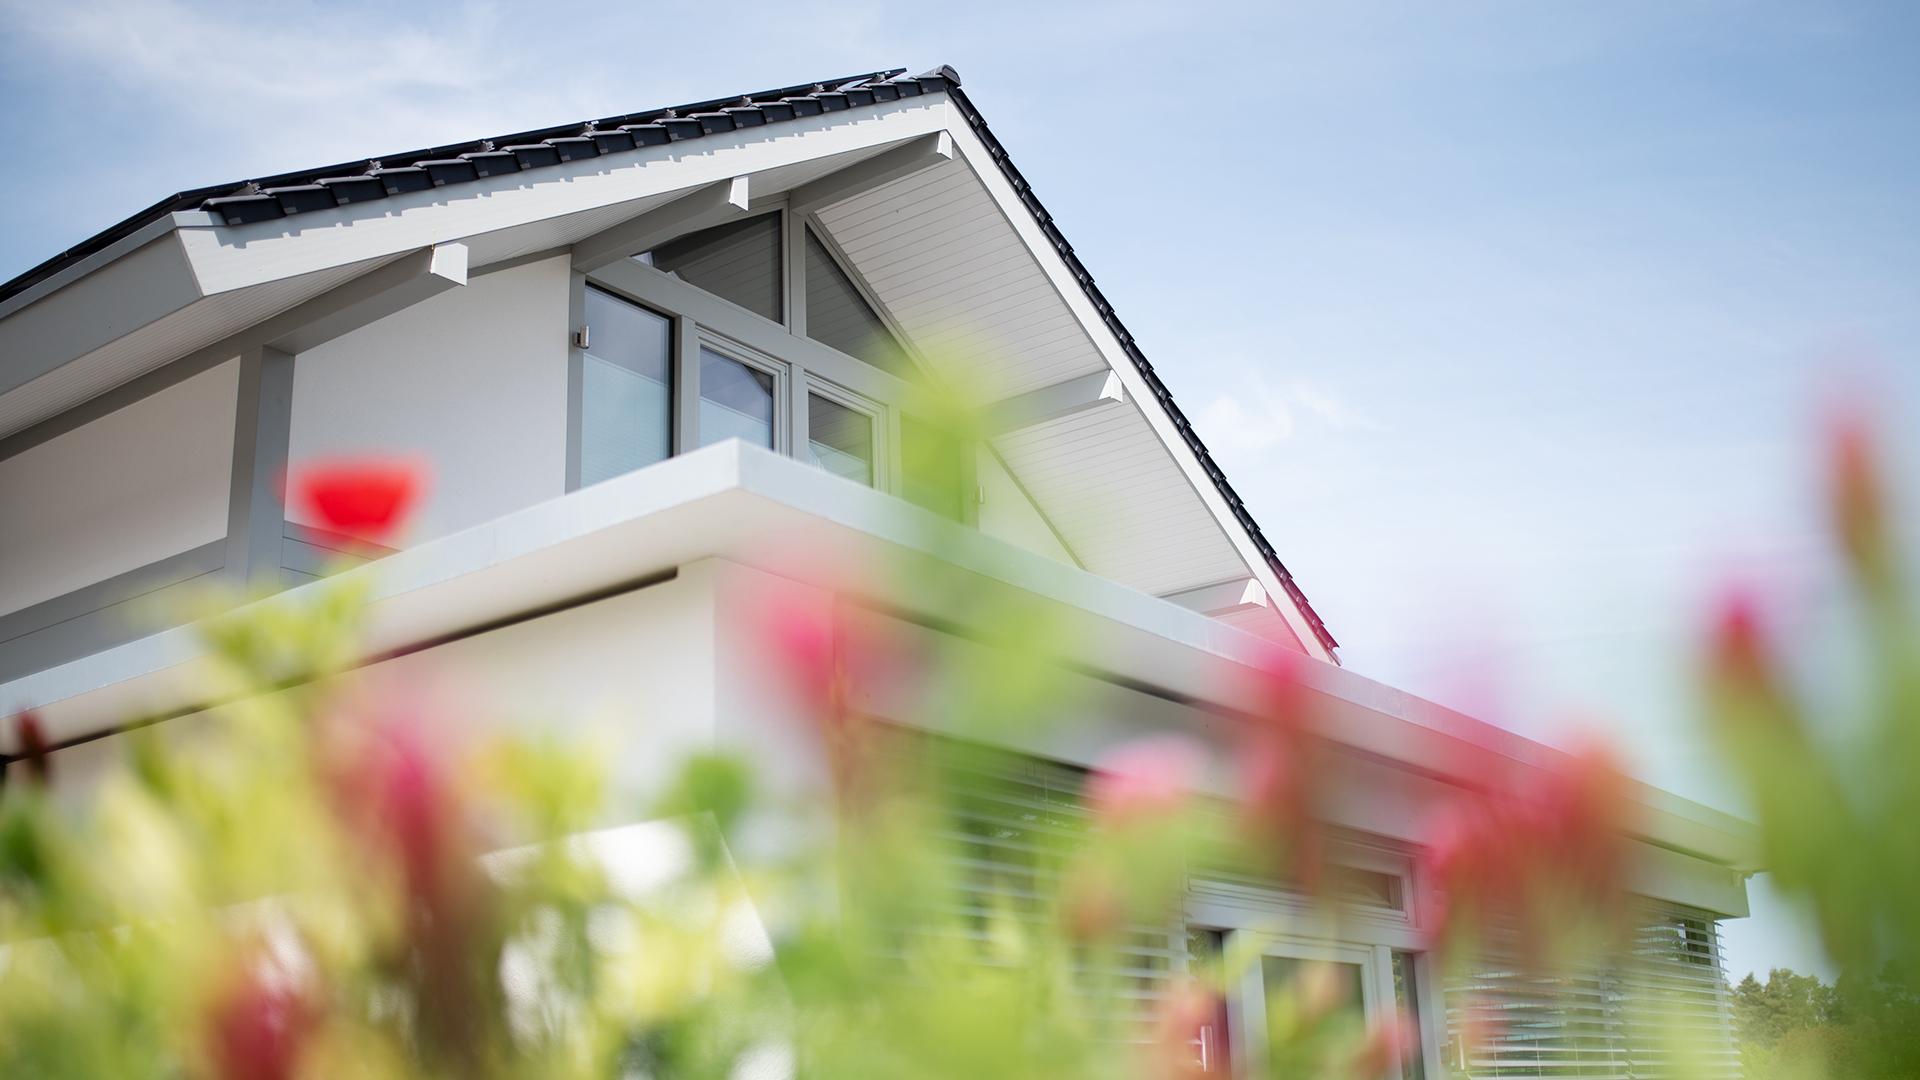 Detmolder fachwerkhaus im Einklang mit der Natur Header